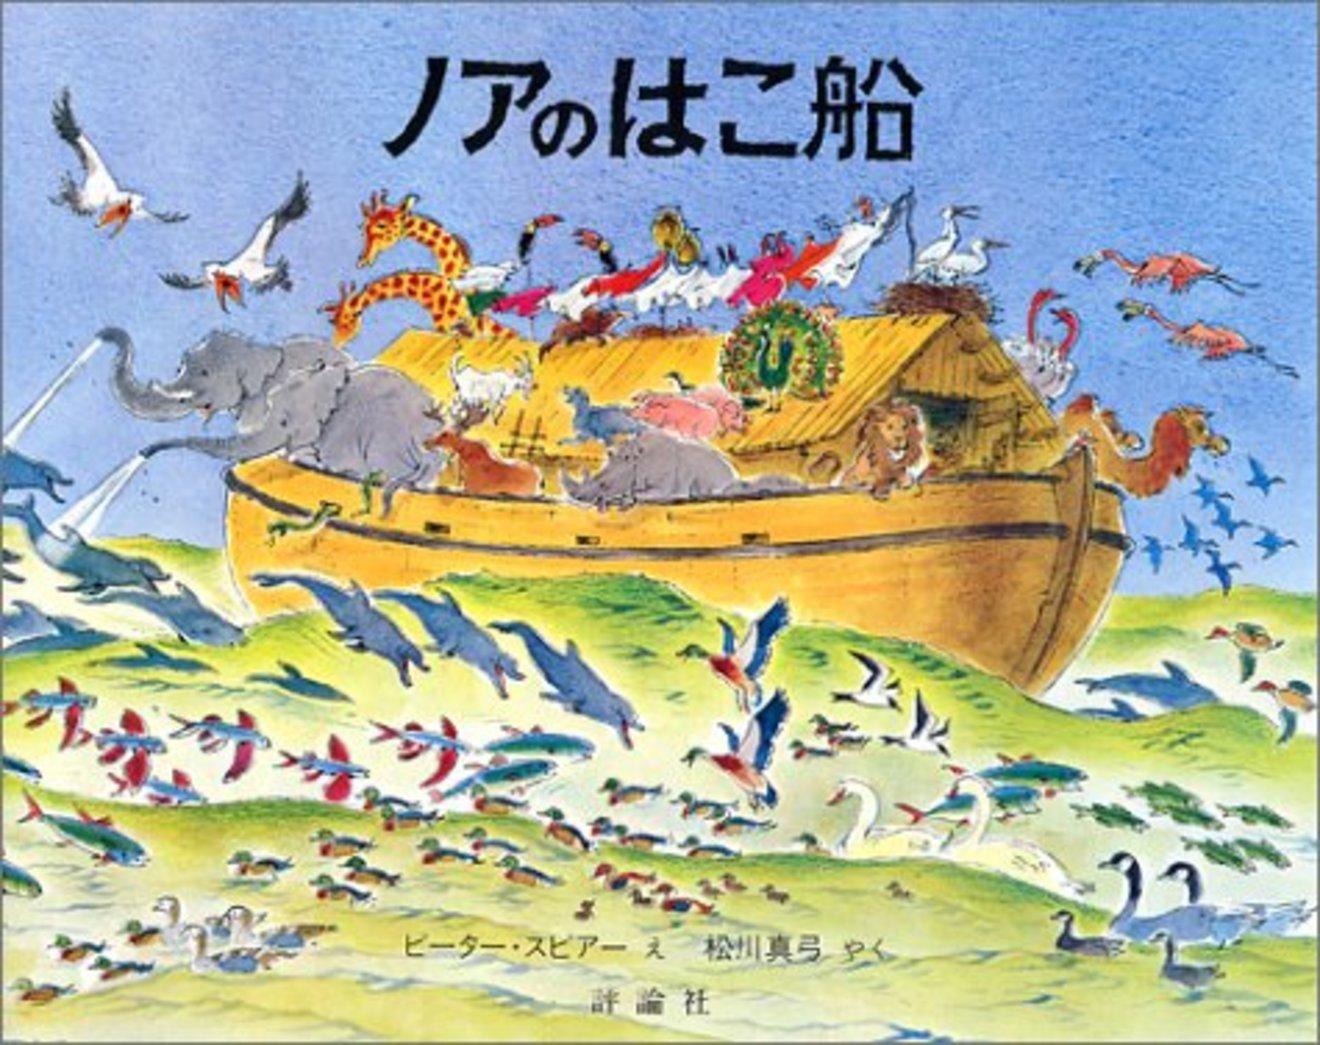 「ノアの方舟」は実在した?アララト山で発見されたもの、動物の謎などを考察